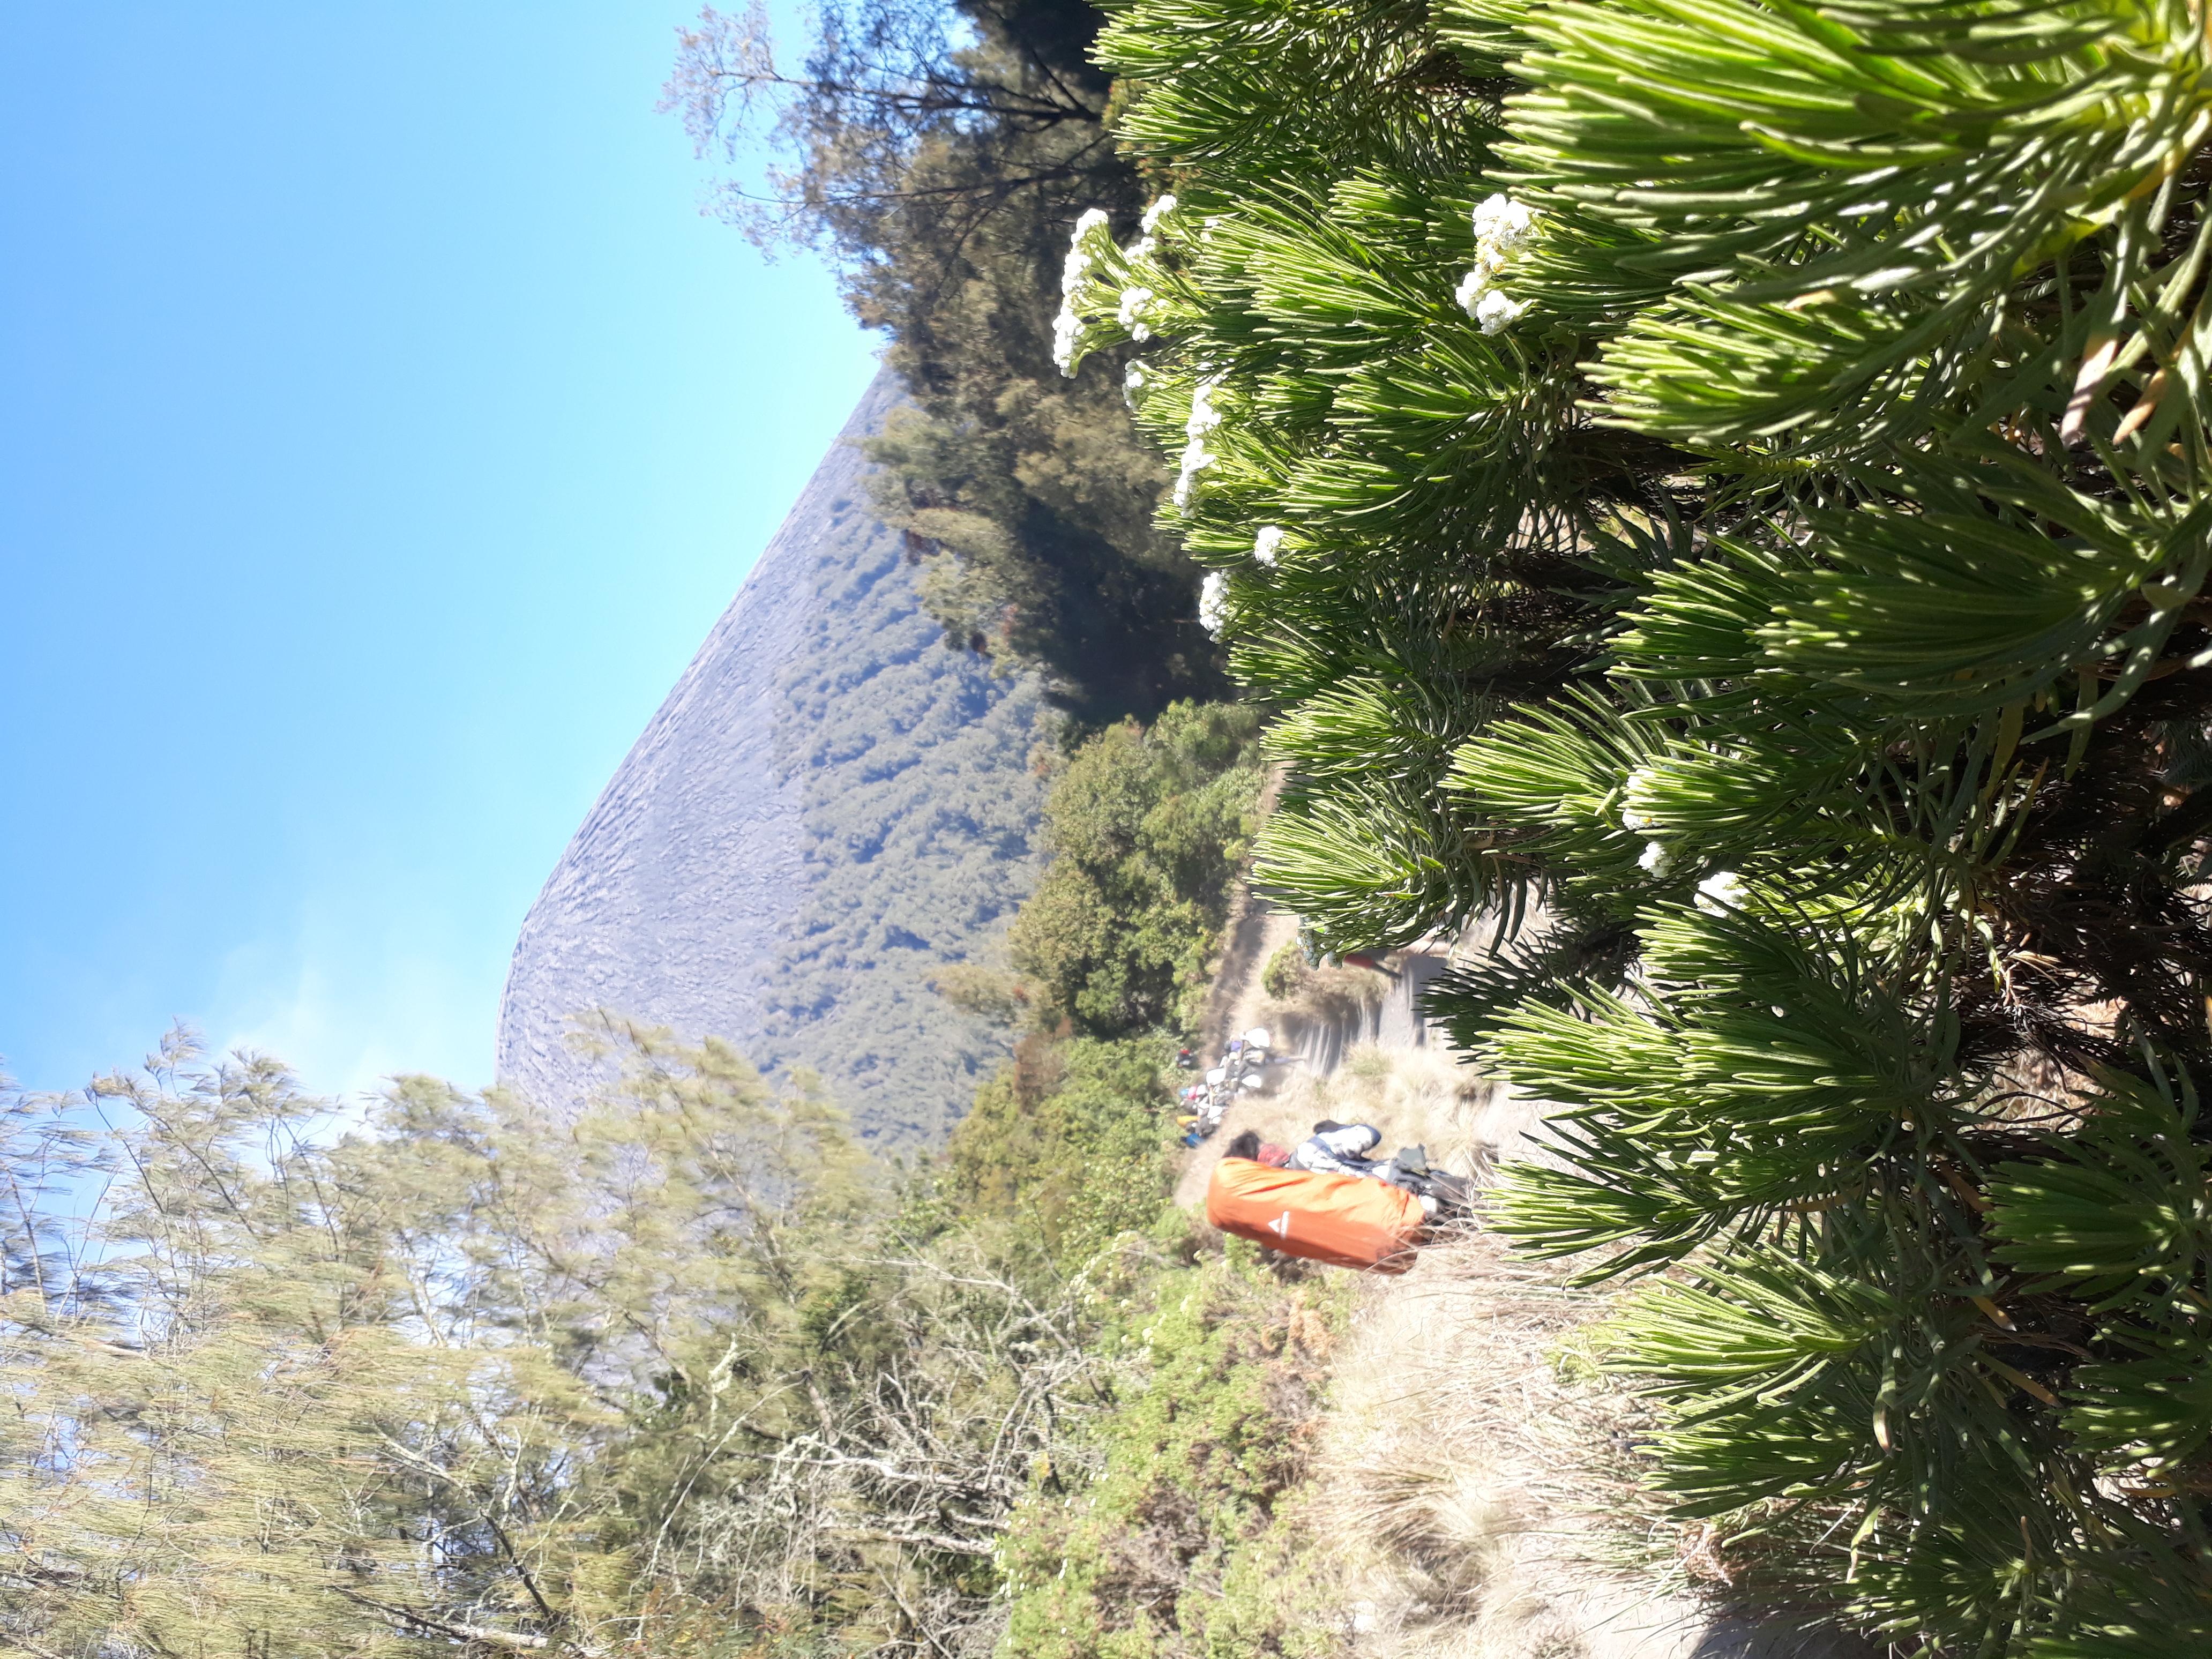 File:Taman nasional bromo tengger semeru.jpg